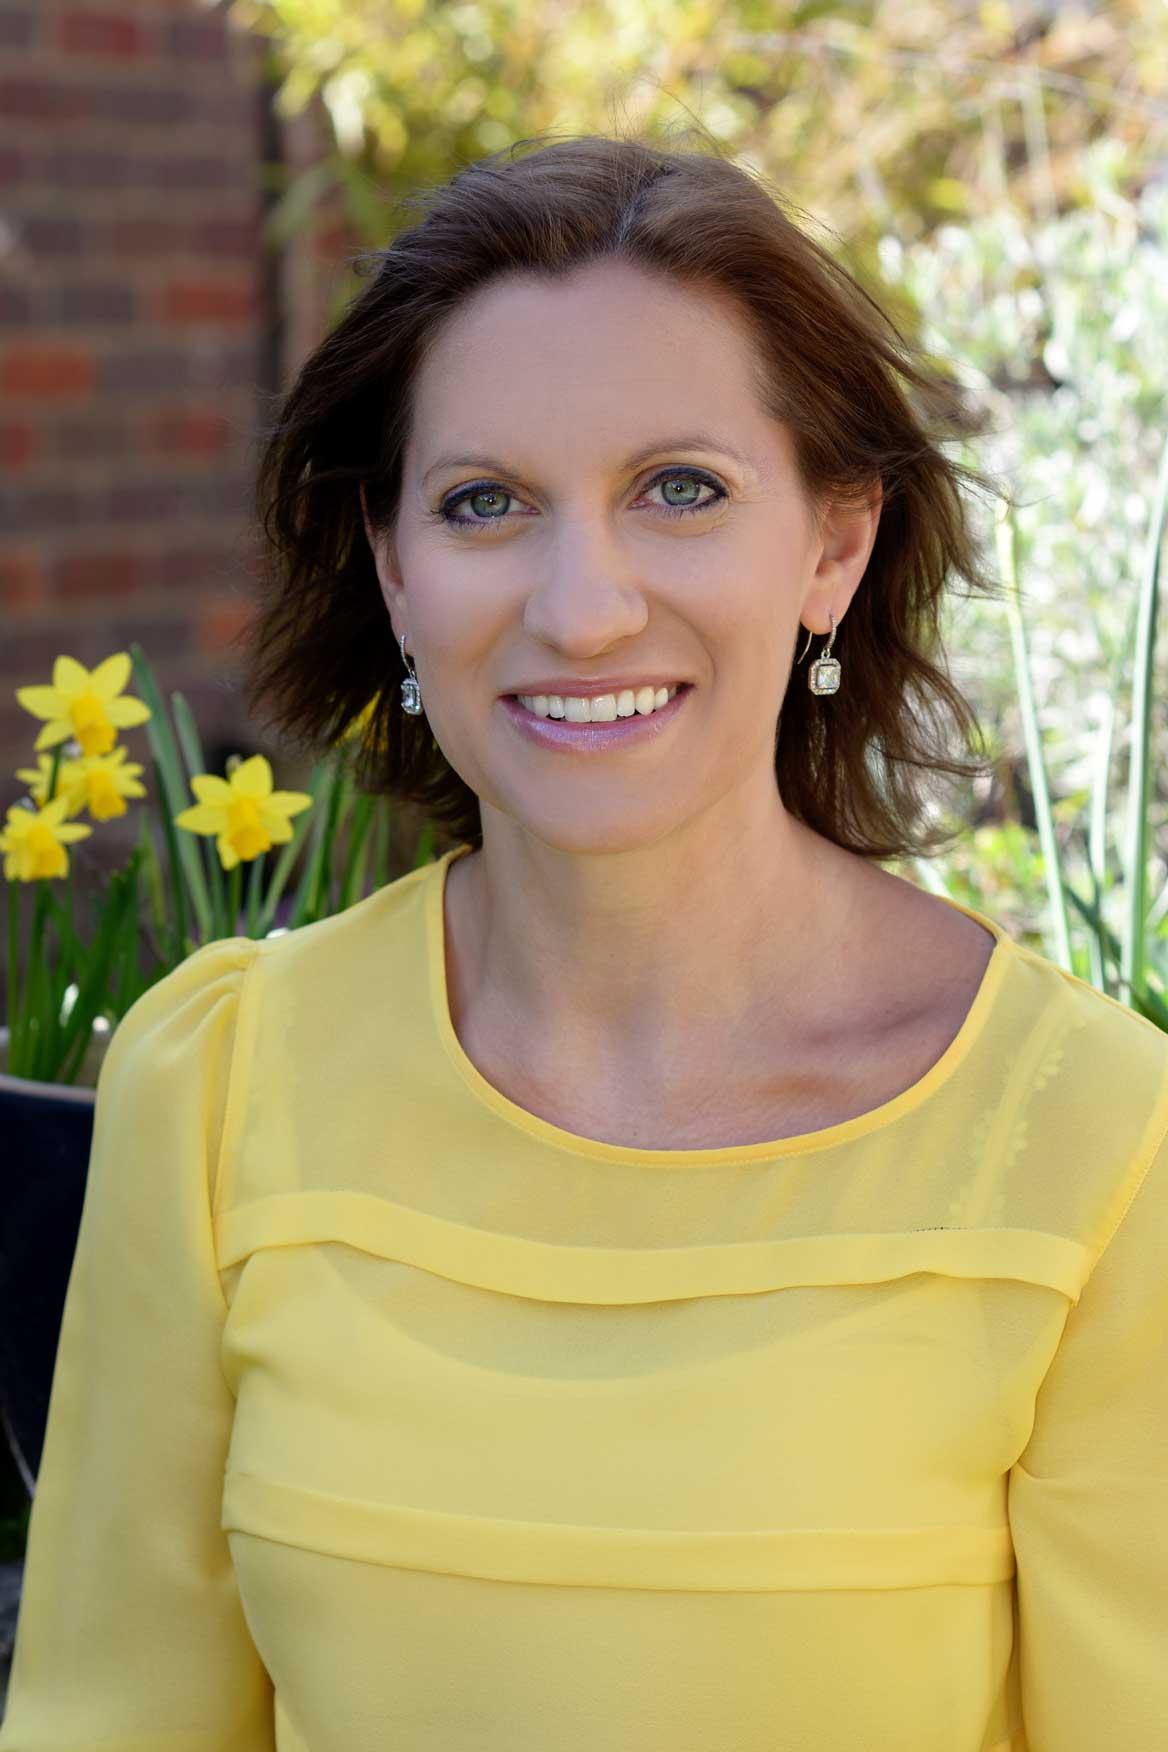 ElizabethHancock